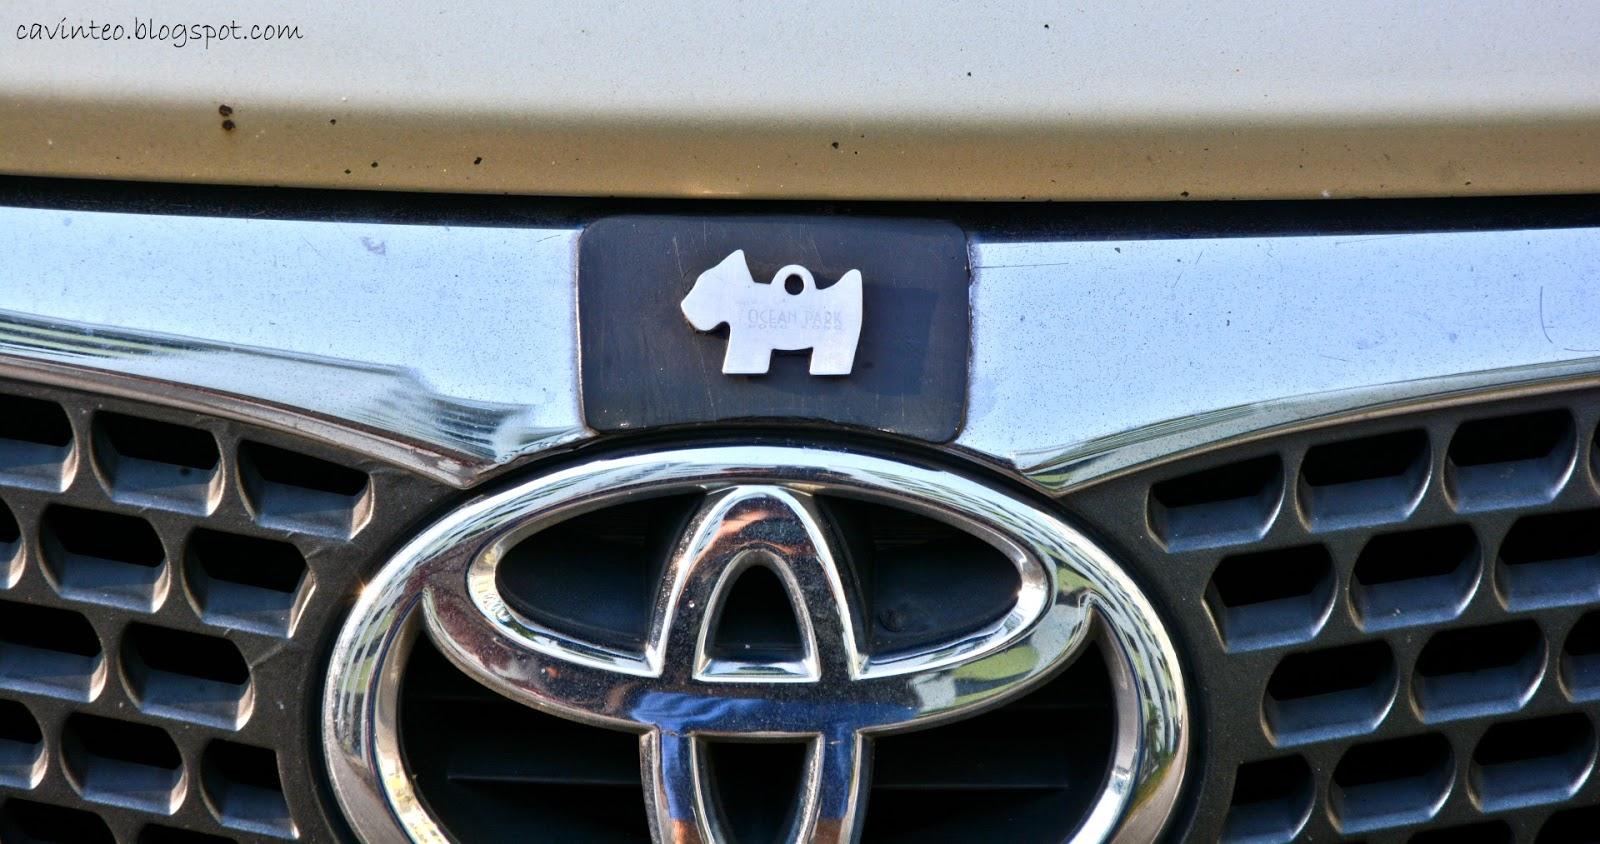 Entree Kibbles: Scrapping / De-Registering my Toyota Vios Car at ...